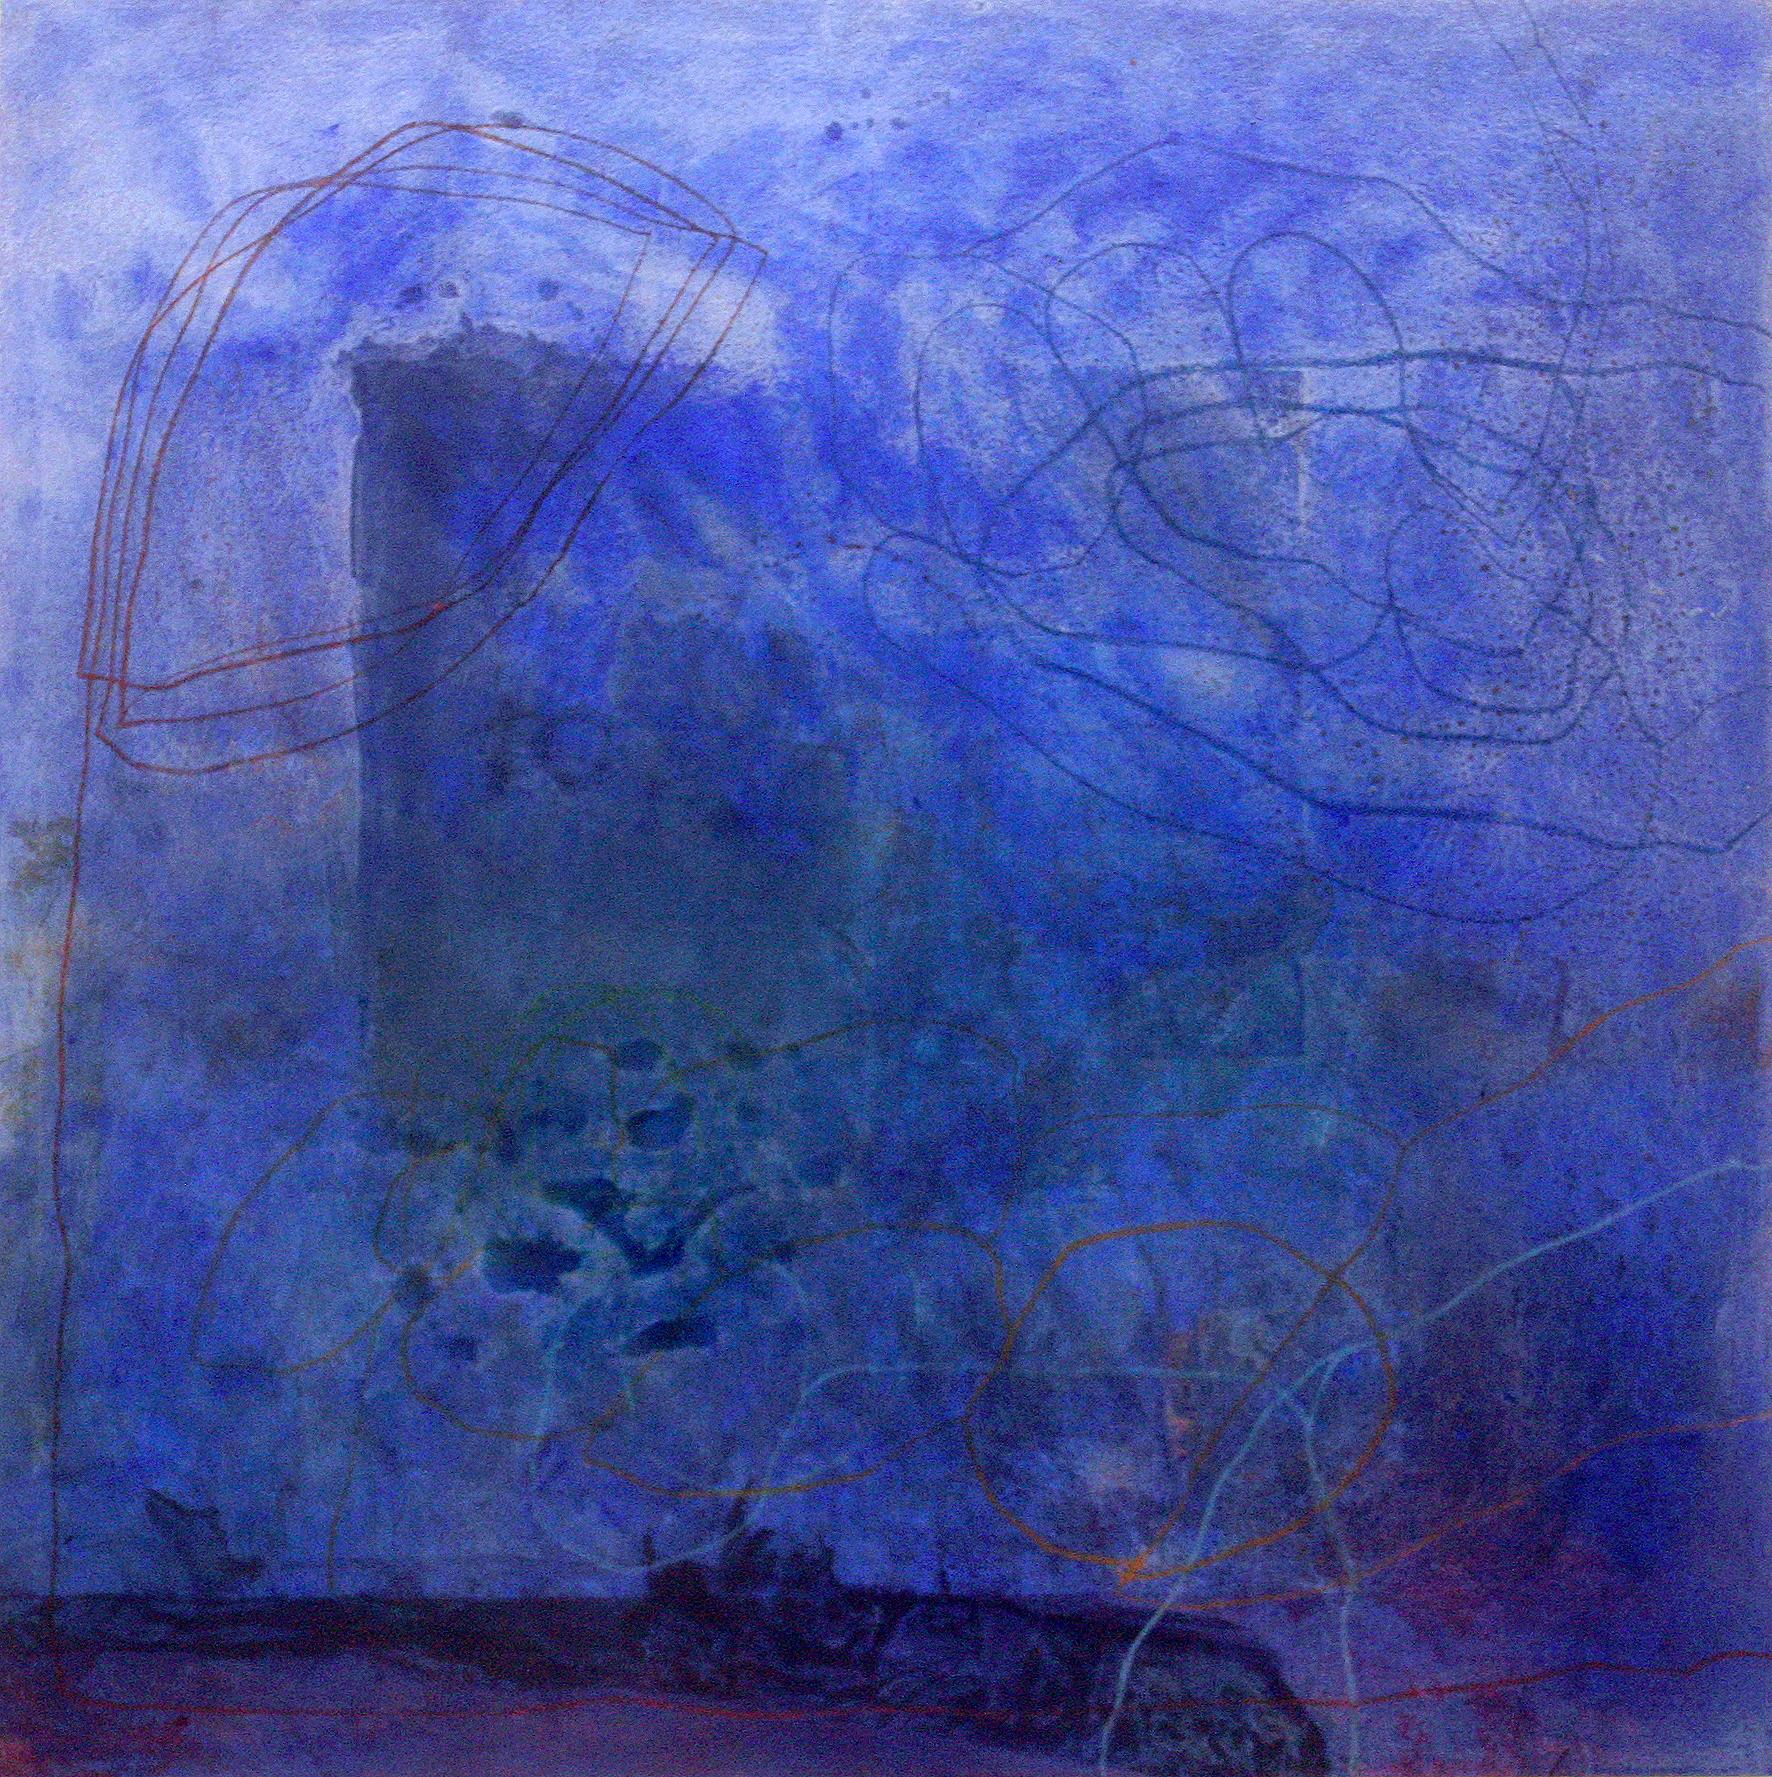 Sense títol,  pintura, pastell i carbó sobre tela, 130 x 130 centímetres, 2011